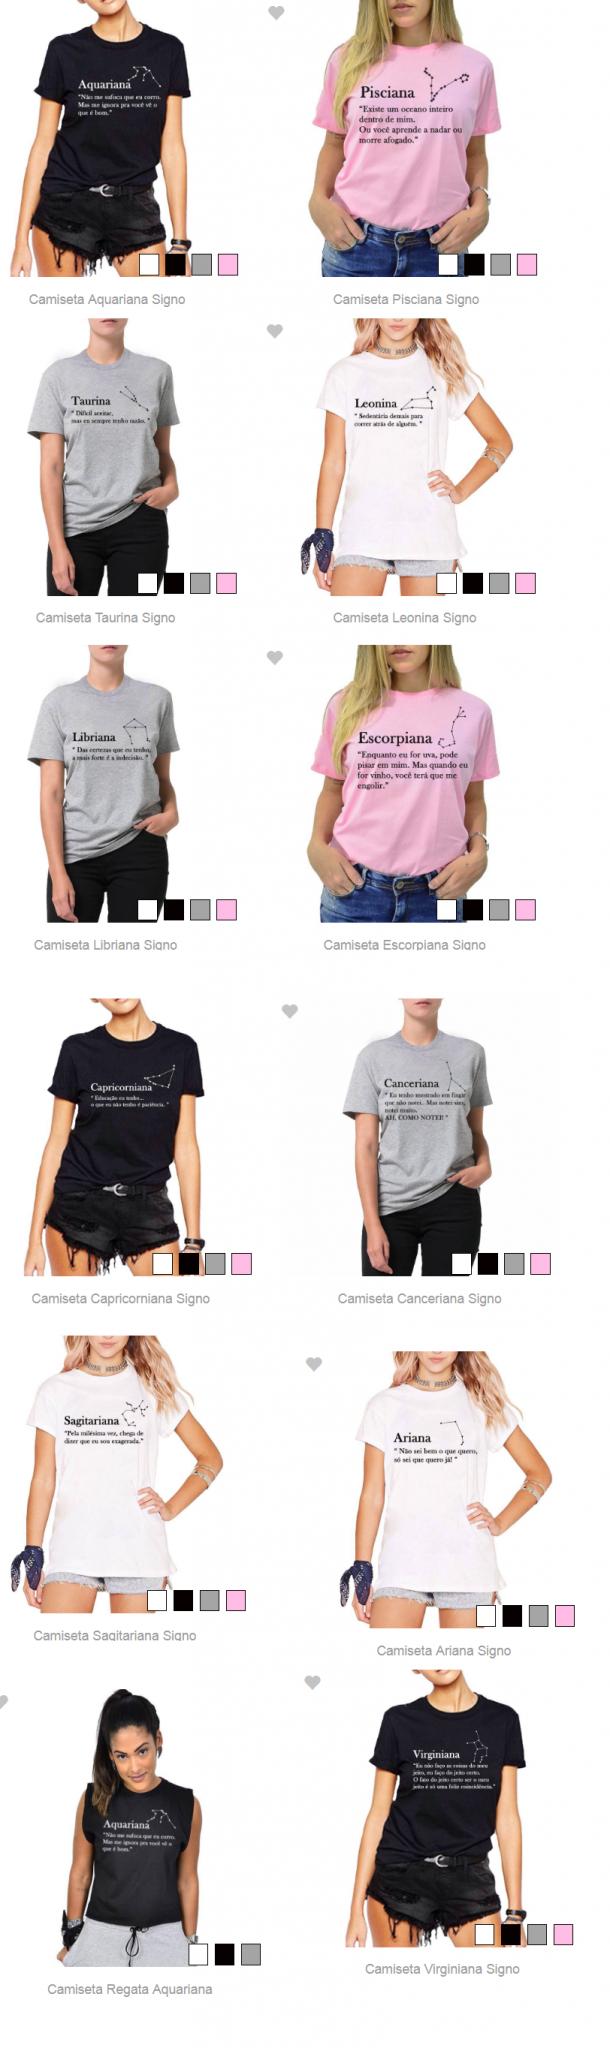 Camisetas de Signo 02 - É Trendy: Tee Temática de Signos + Onde Comprar por menos de R$50